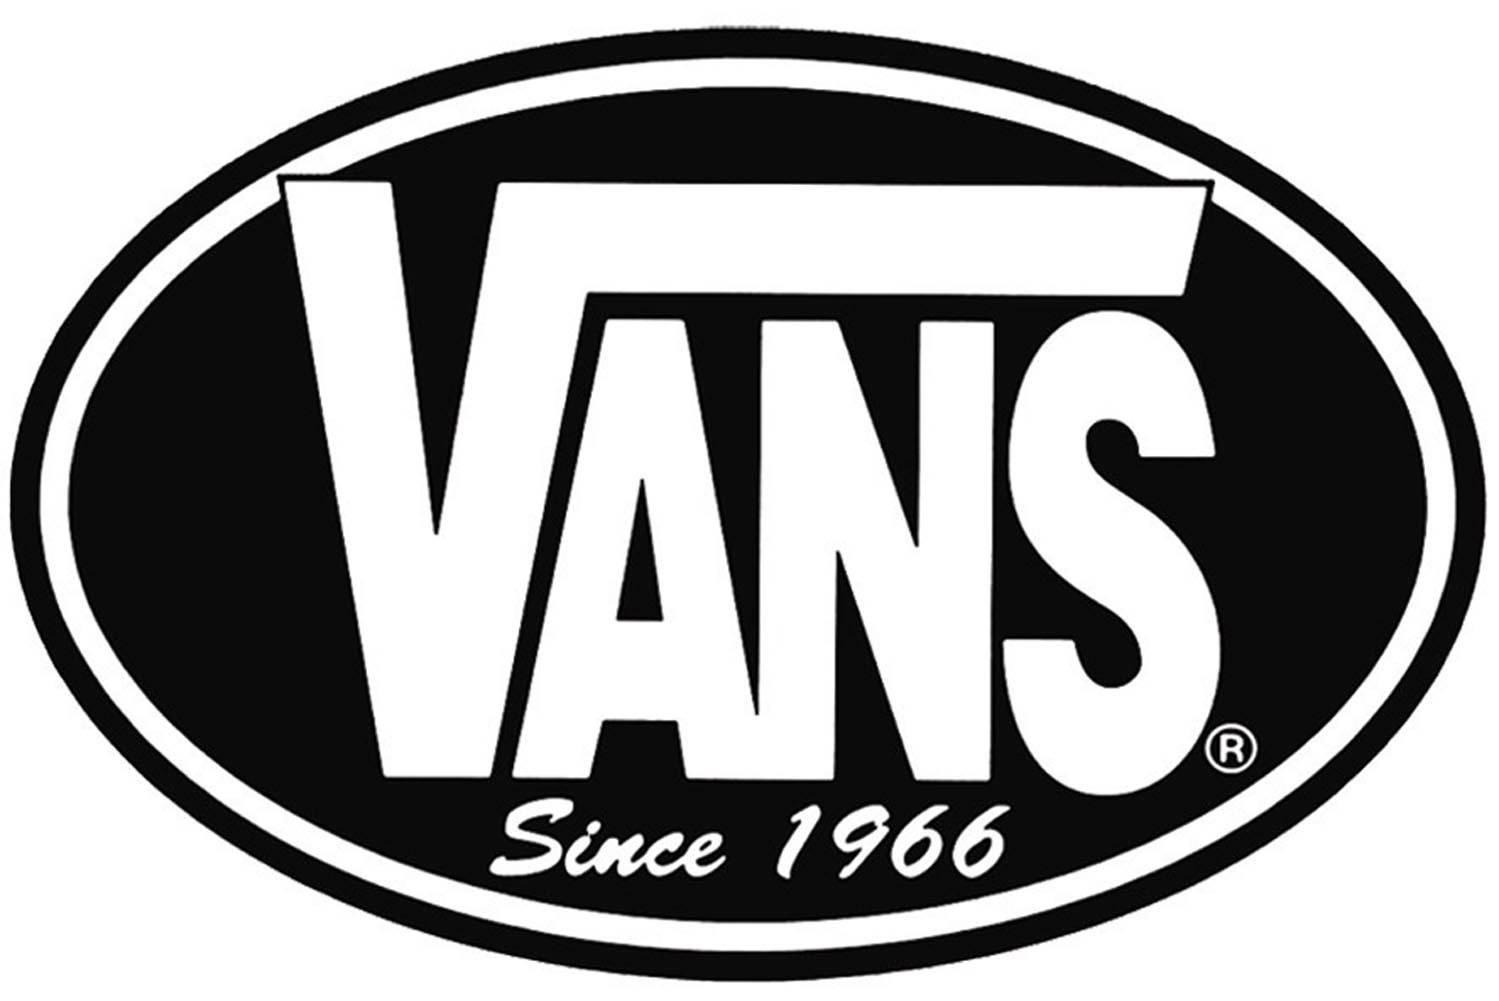 image logo vans